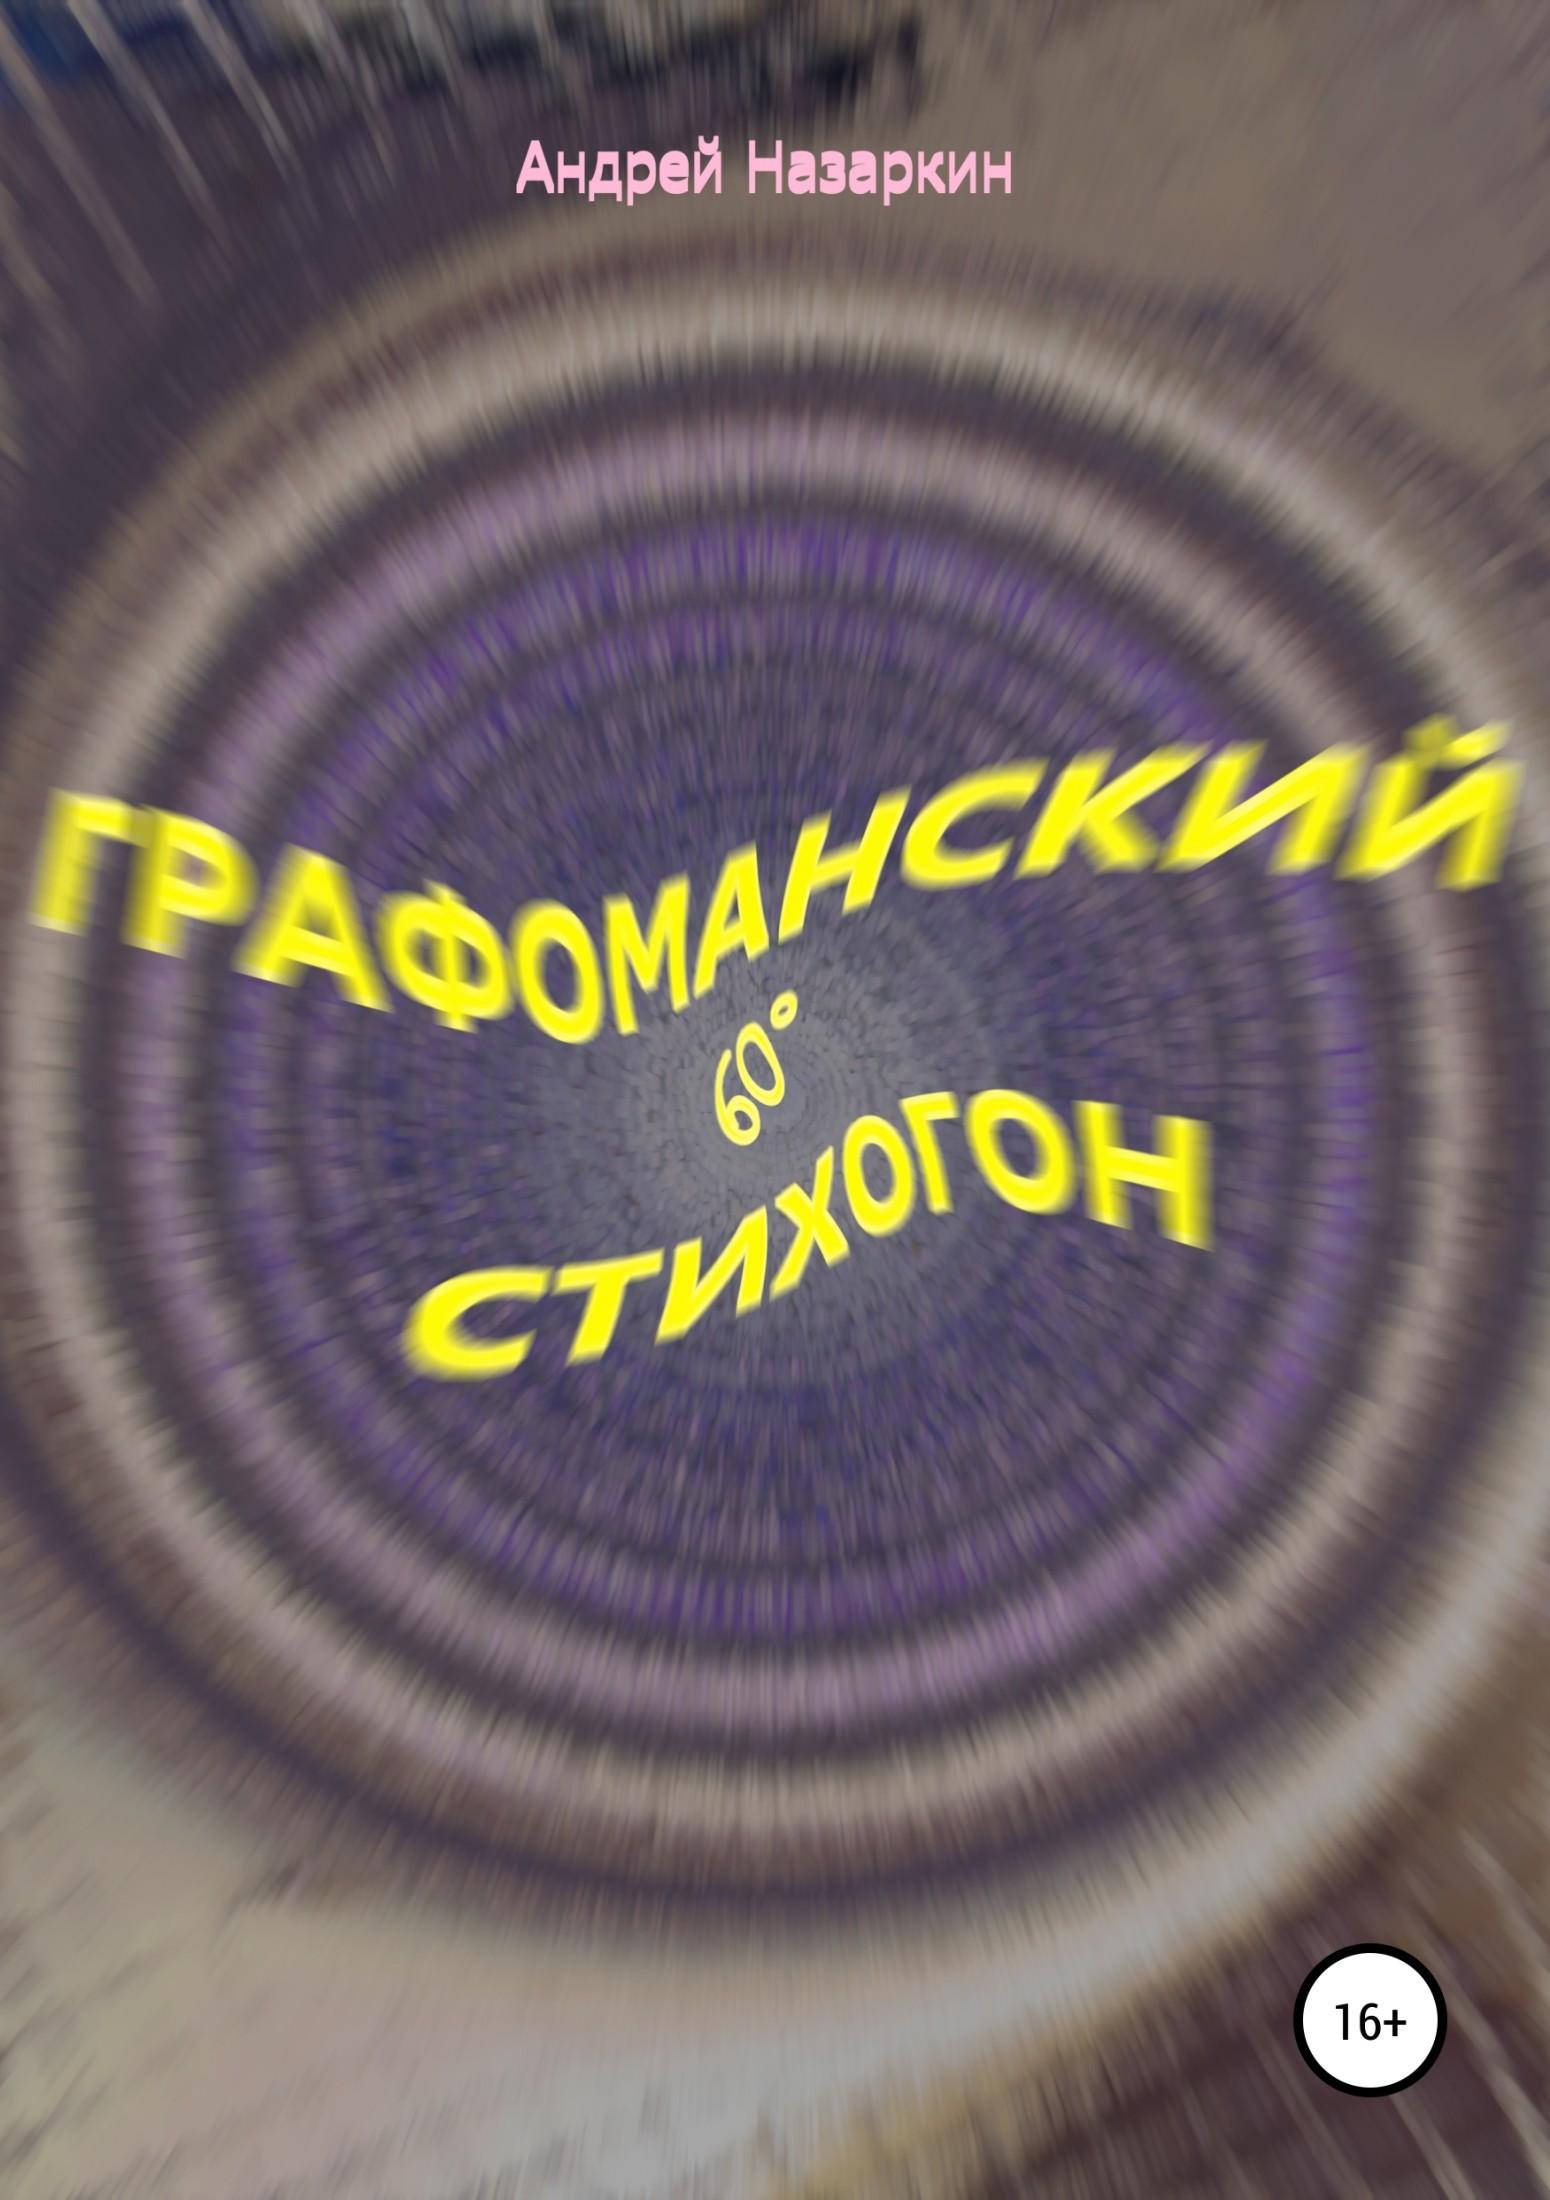 Графоманский 60° стихогон